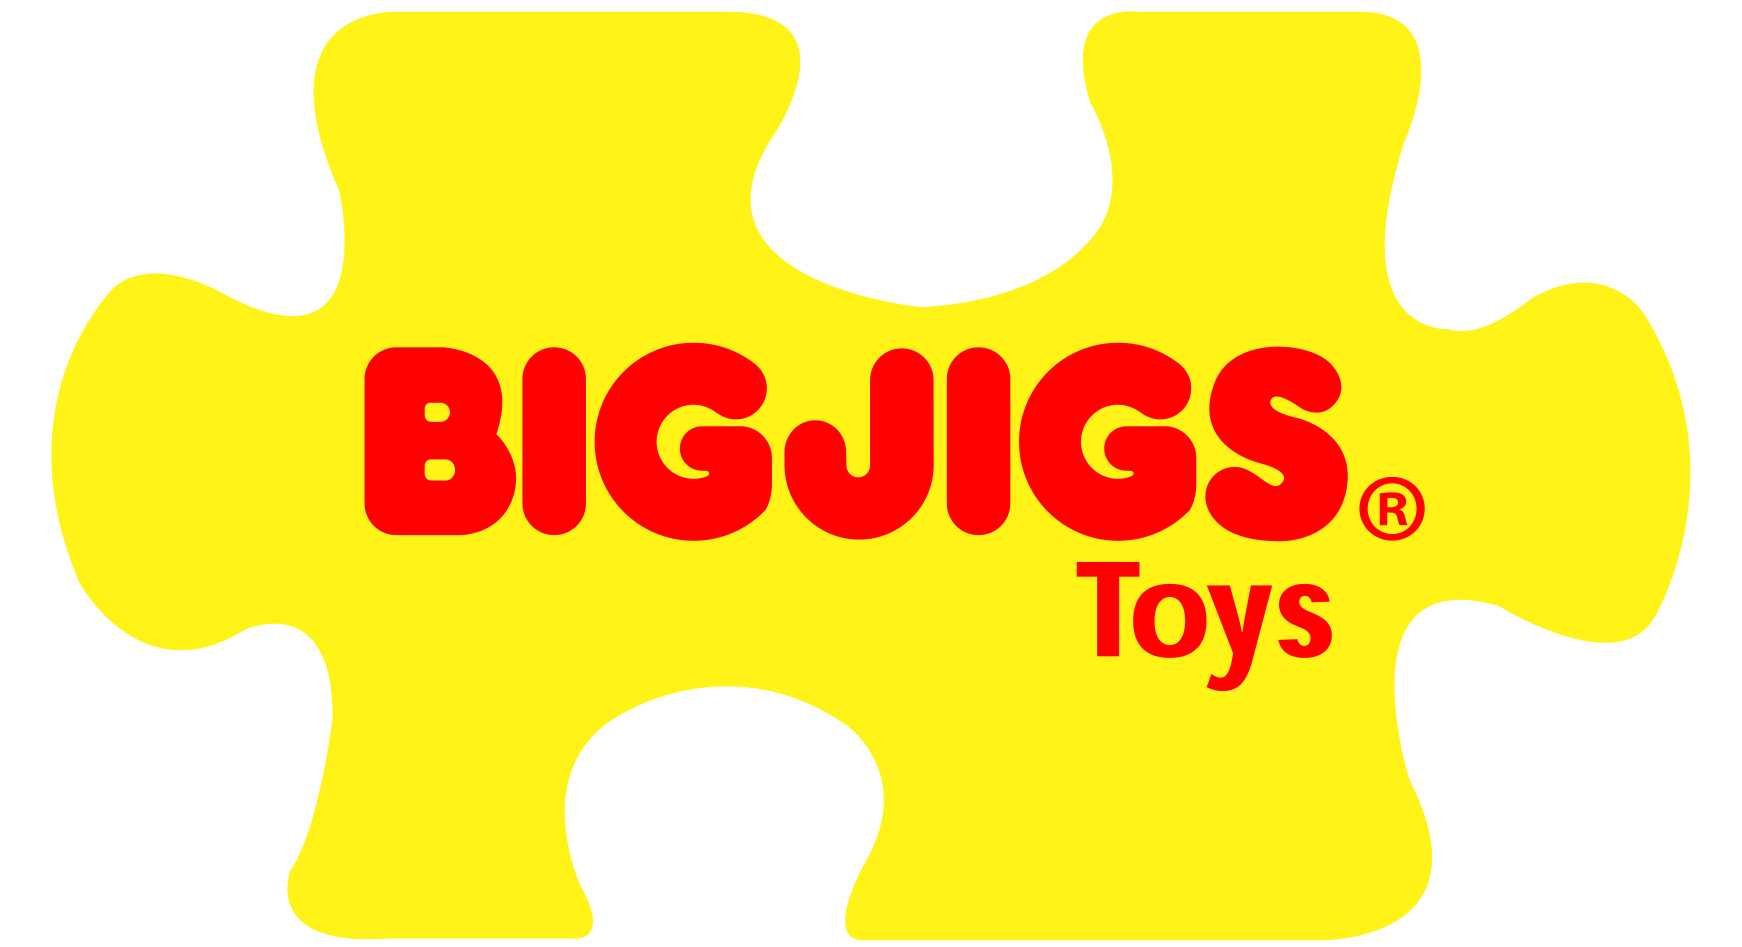 Big Jigs Toys Ltd